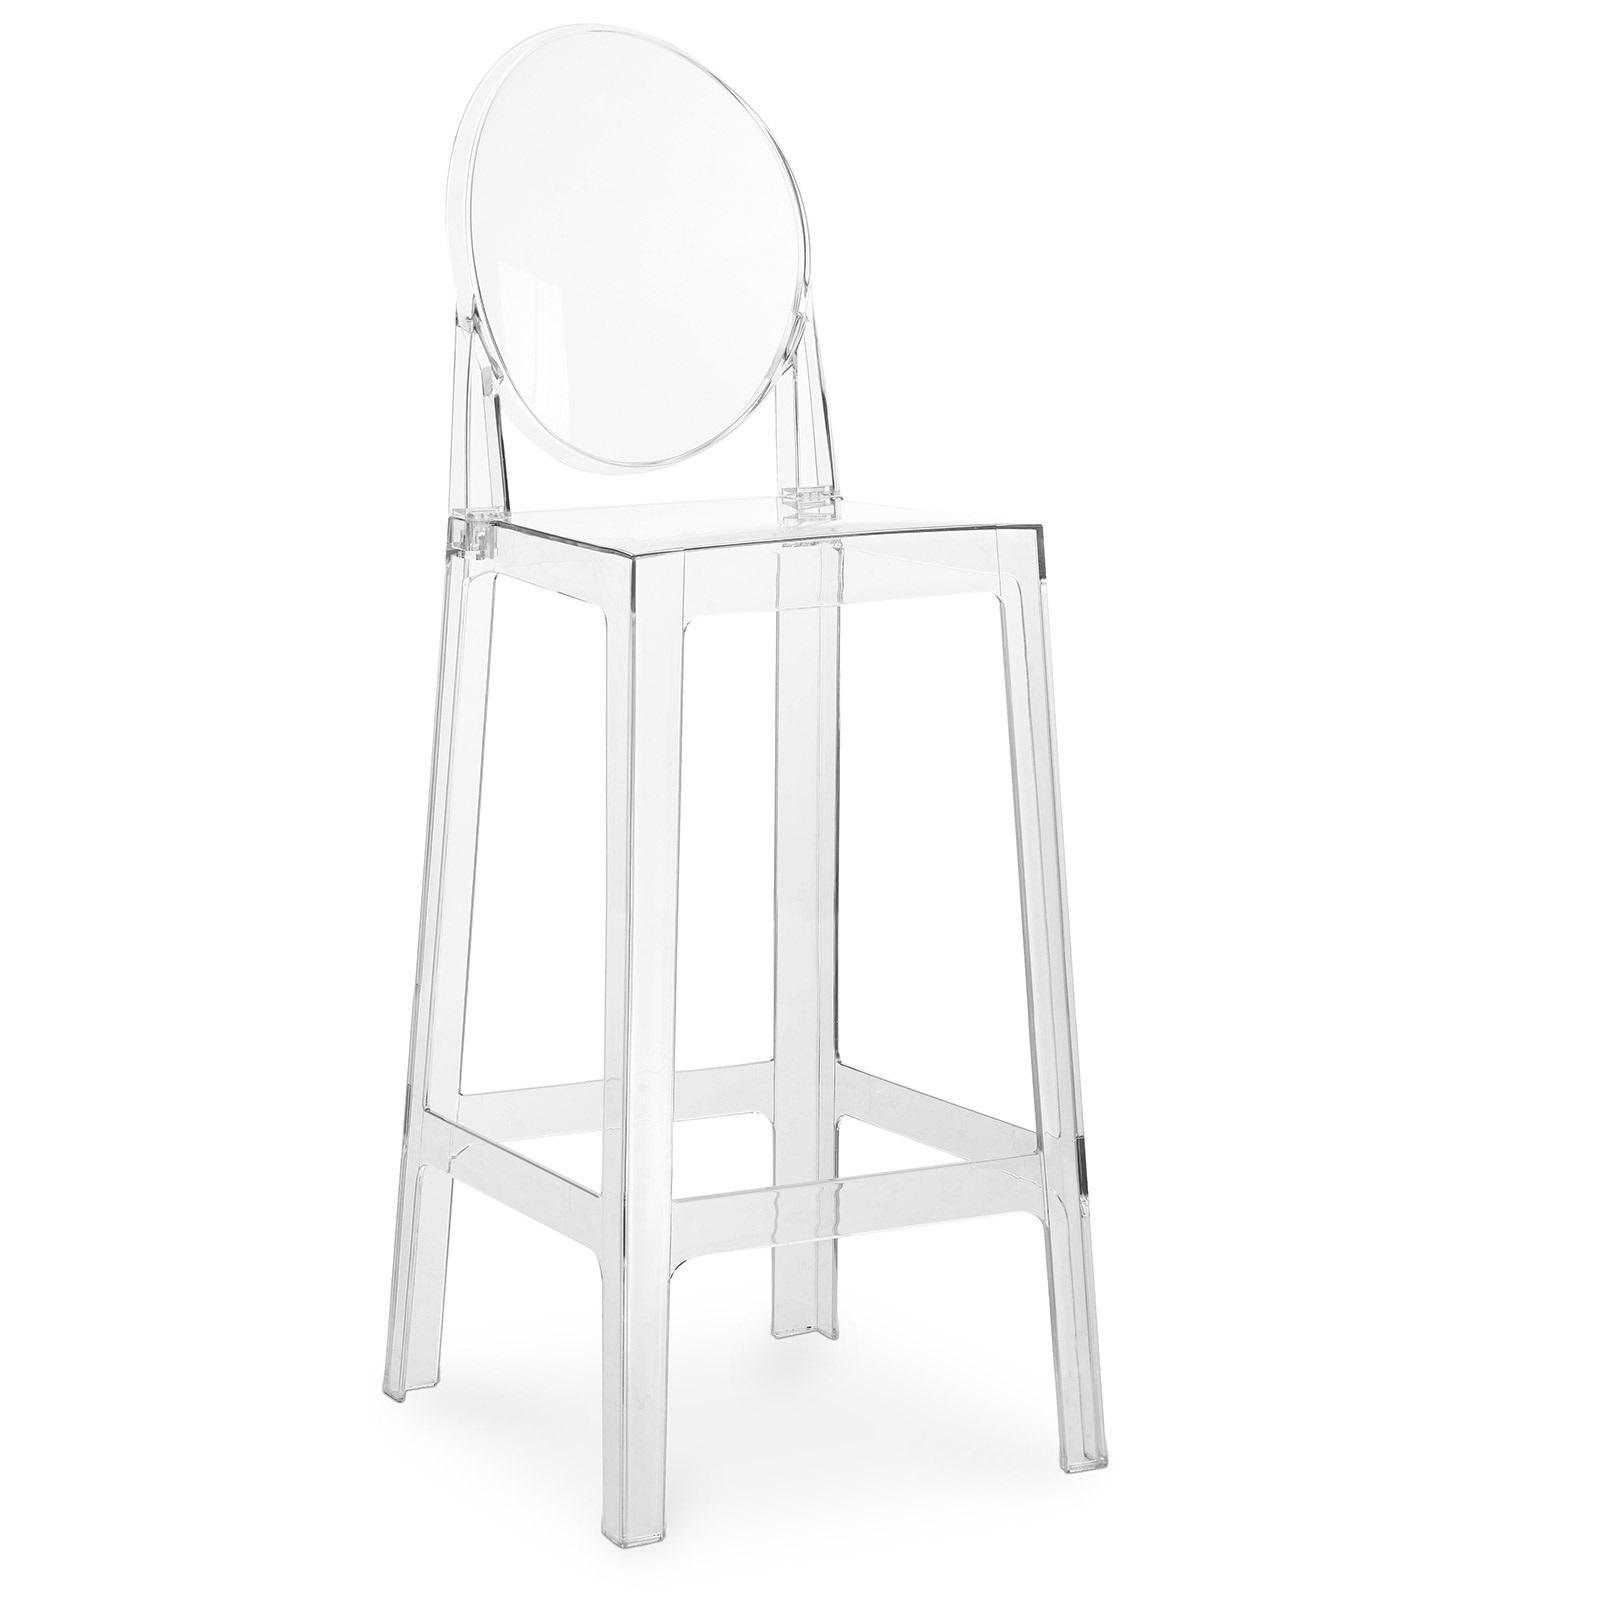 tabouret polycarbonate transparent inspir ghost 75 cm. Black Bedroom Furniture Sets. Home Design Ideas